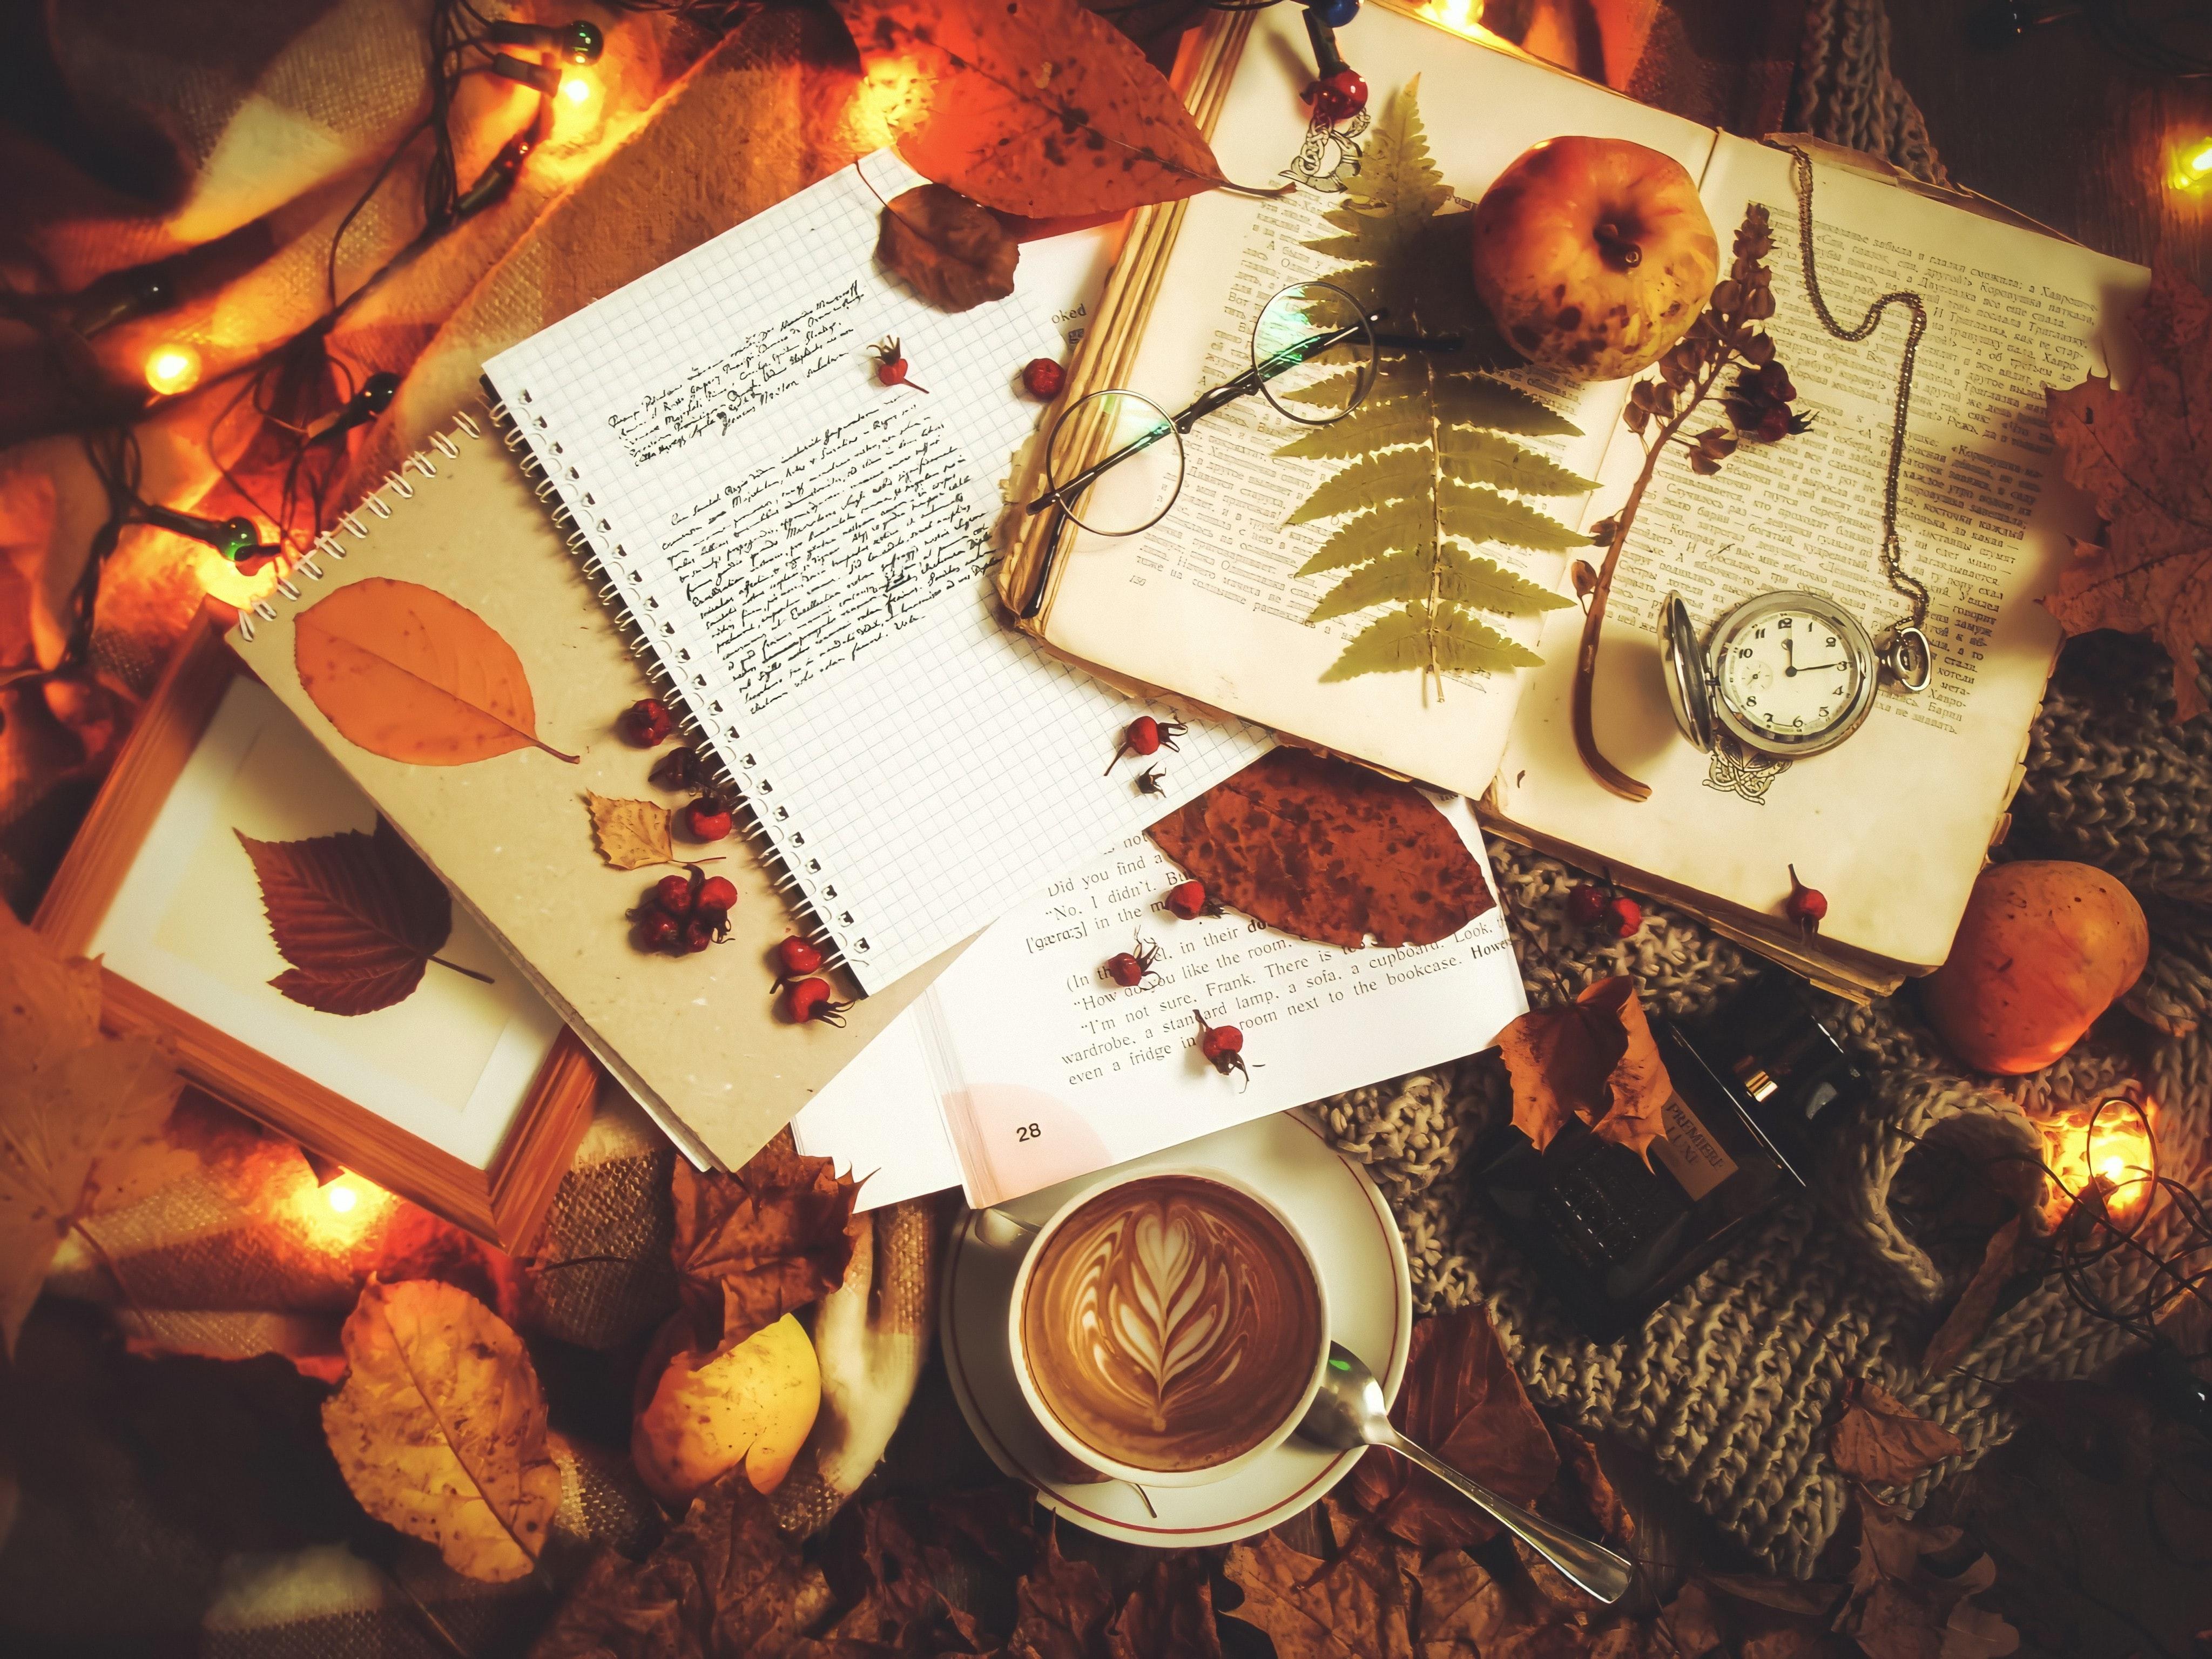 103805 Hintergrundbild herunterladen Herbst, Coffee, Verschiedenes, Sonstige, Inschrift, Text, Notizbuch - Bildschirmschoner und Bilder kostenlos